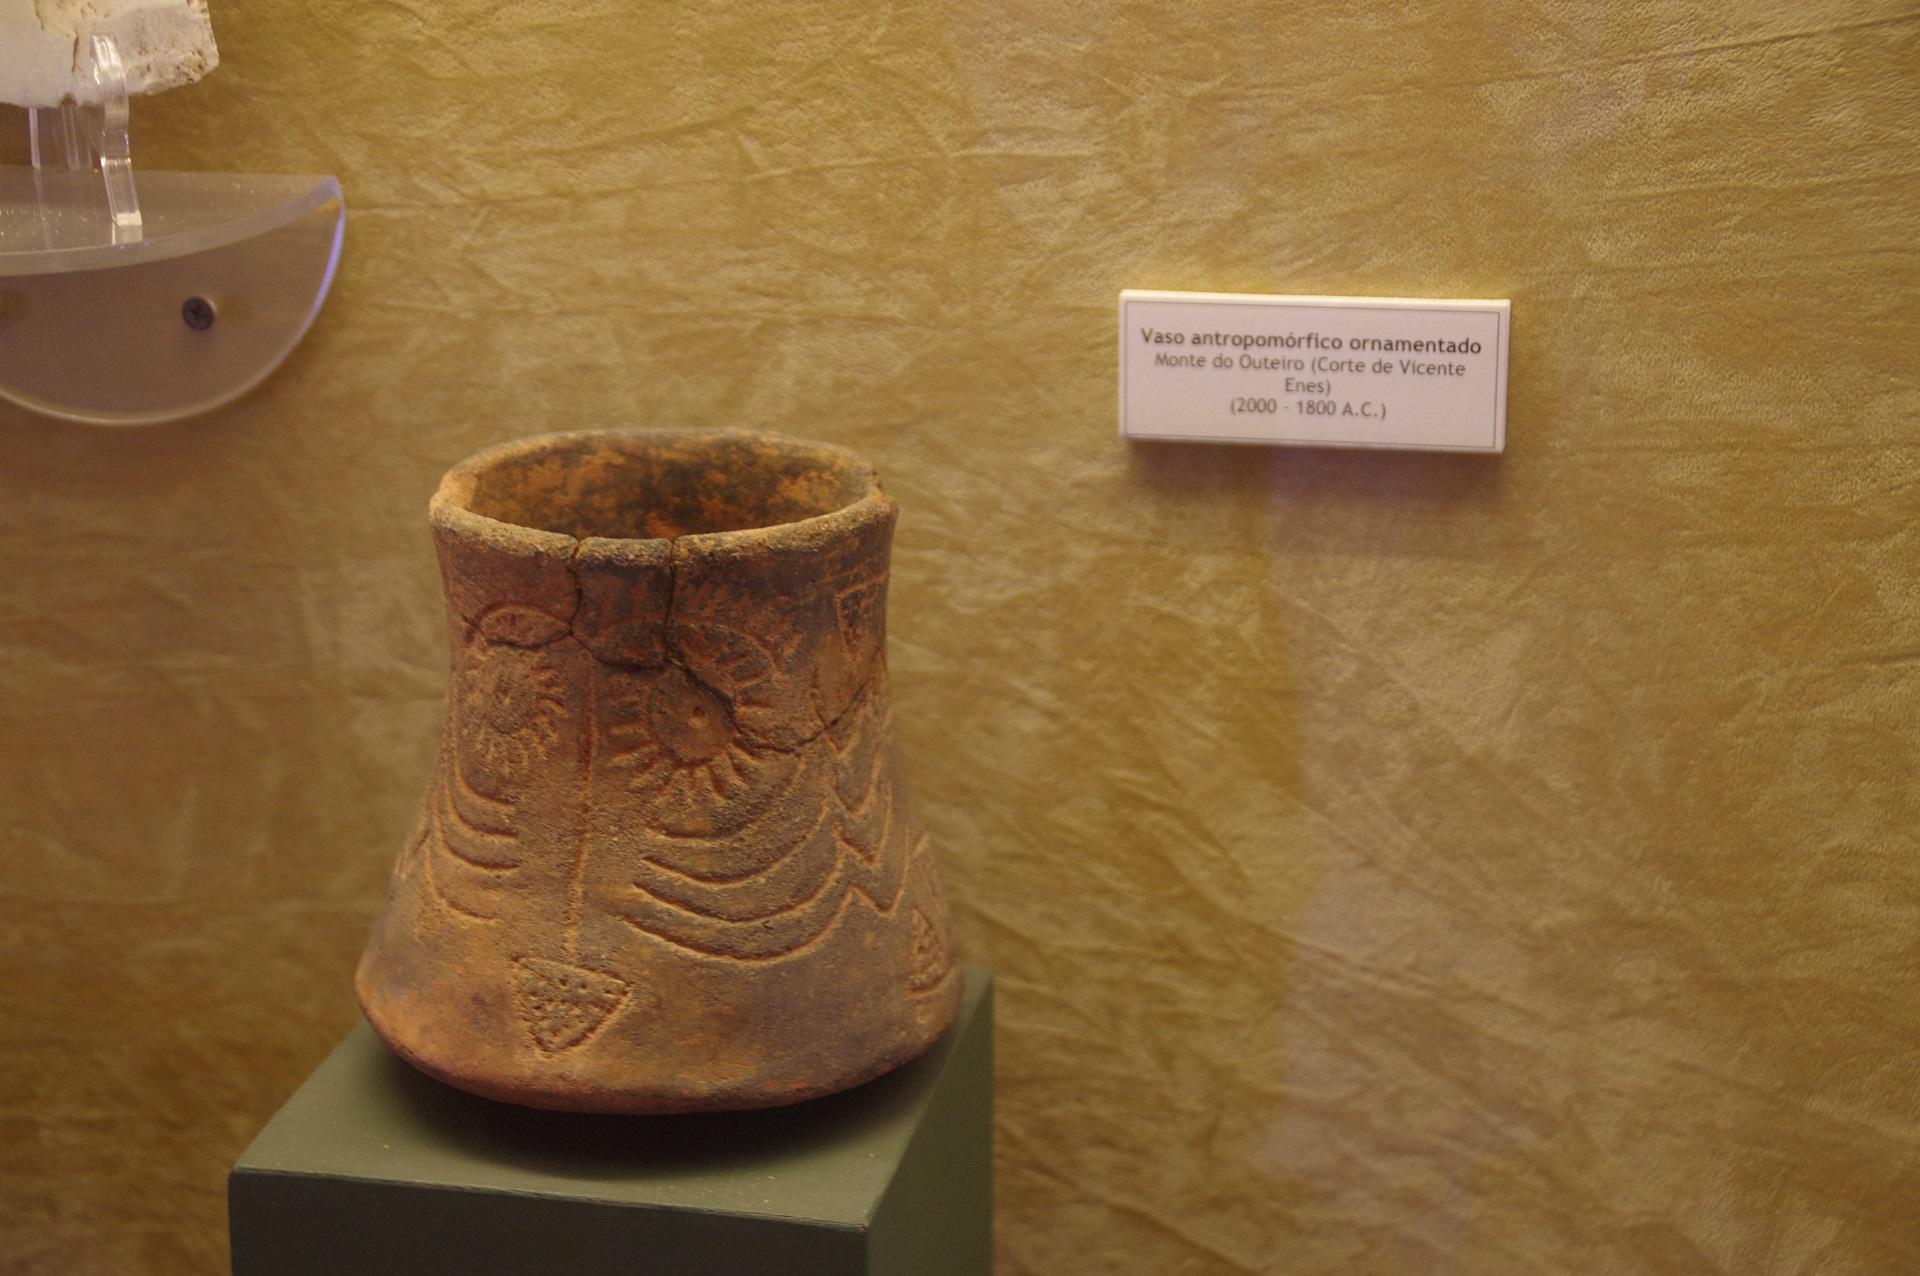 colecao-arqueologia